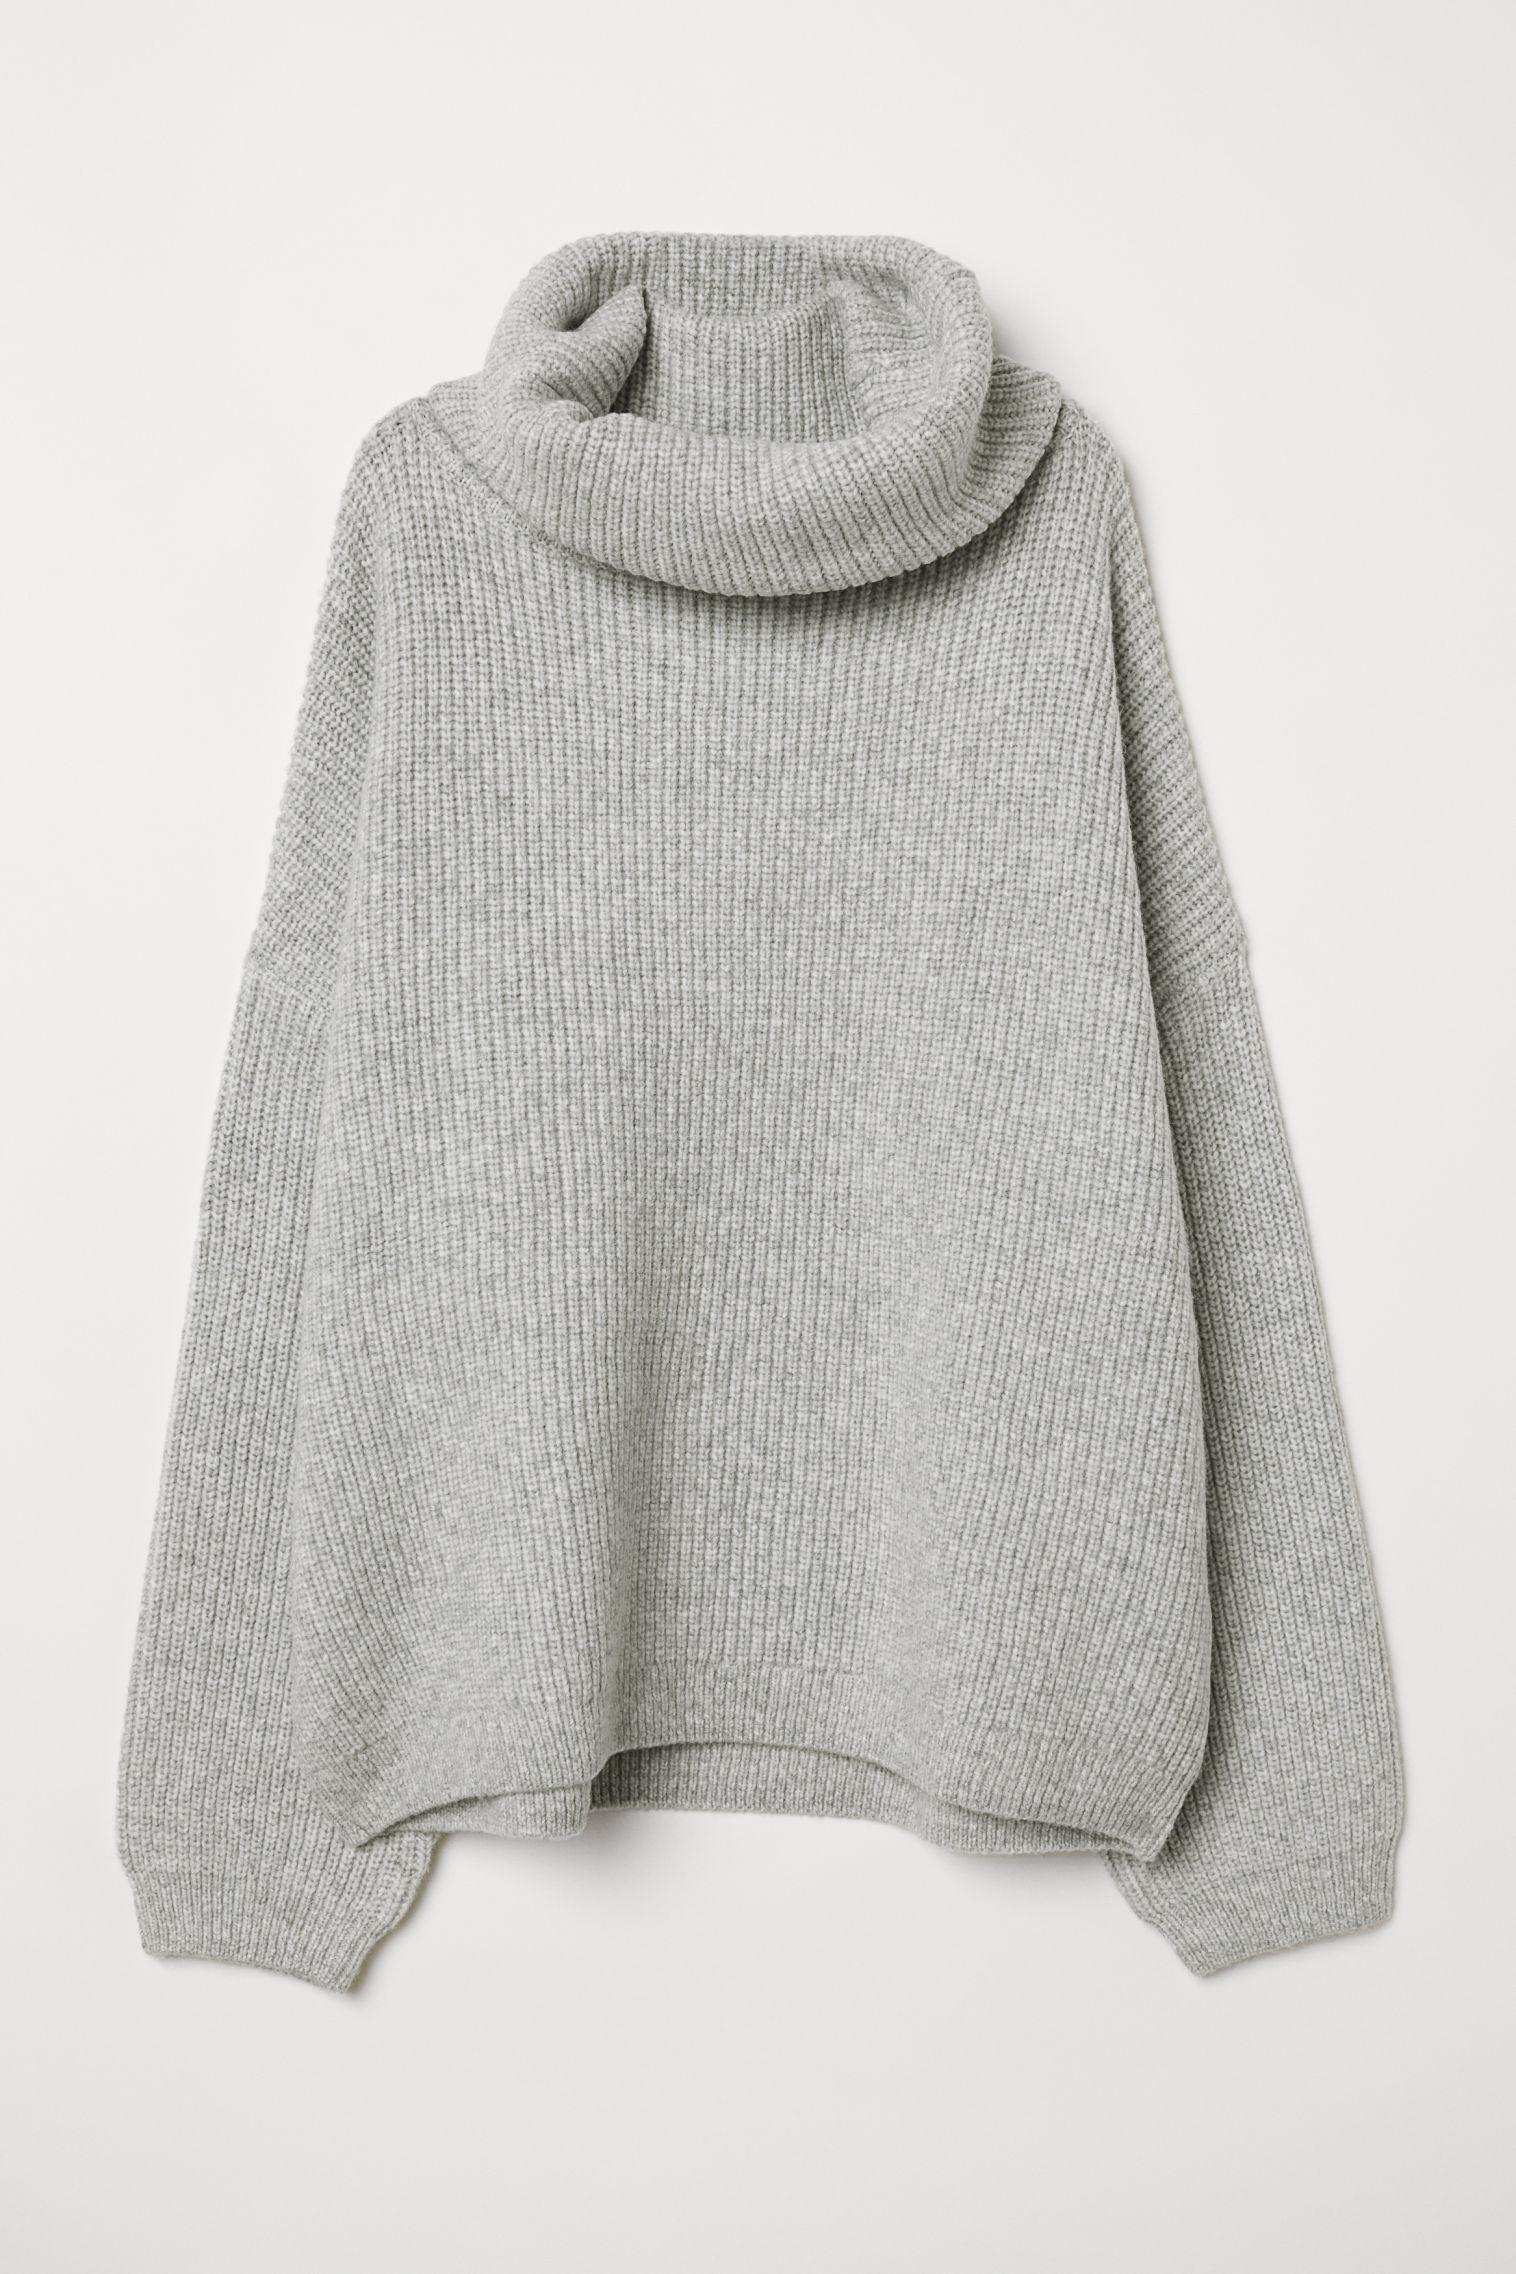 Ribbed Turtleneck Sweater - Pink melange - Ladies | H&M US